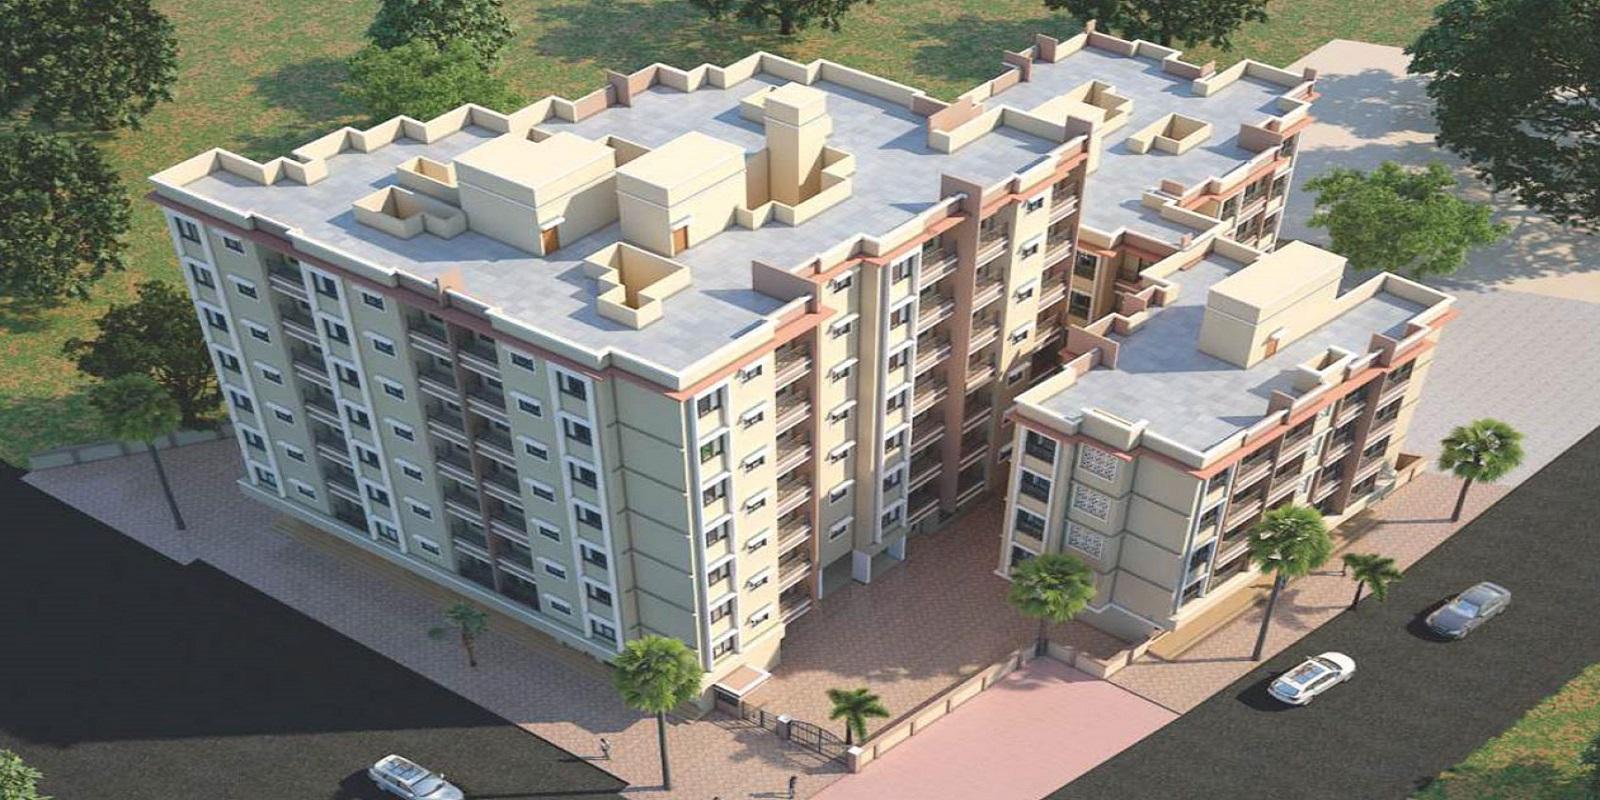 panvelkar prestige phase 2 project large image2